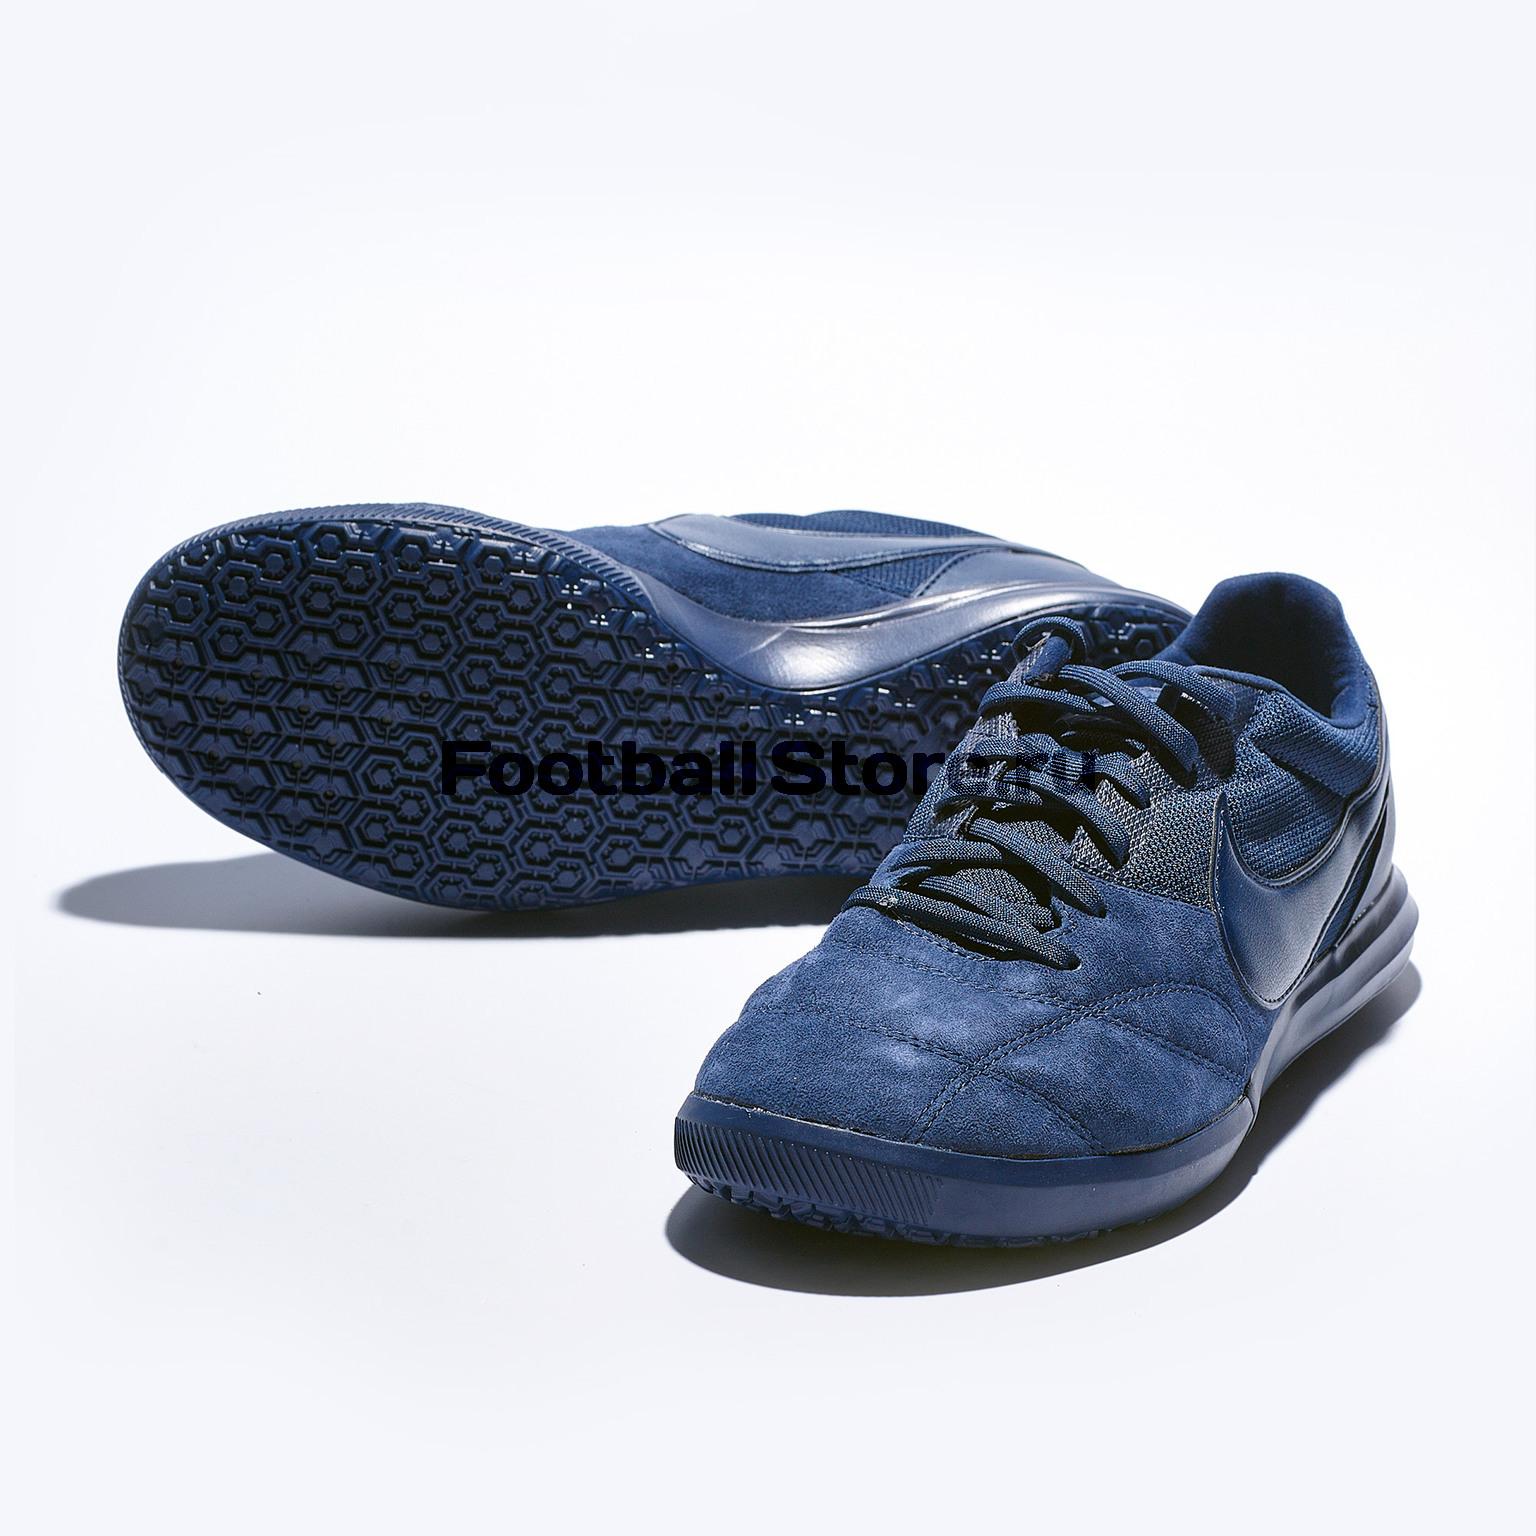 Футзалки Nike Tiempo Premier II Sala AV3153-441 tiempo muerto